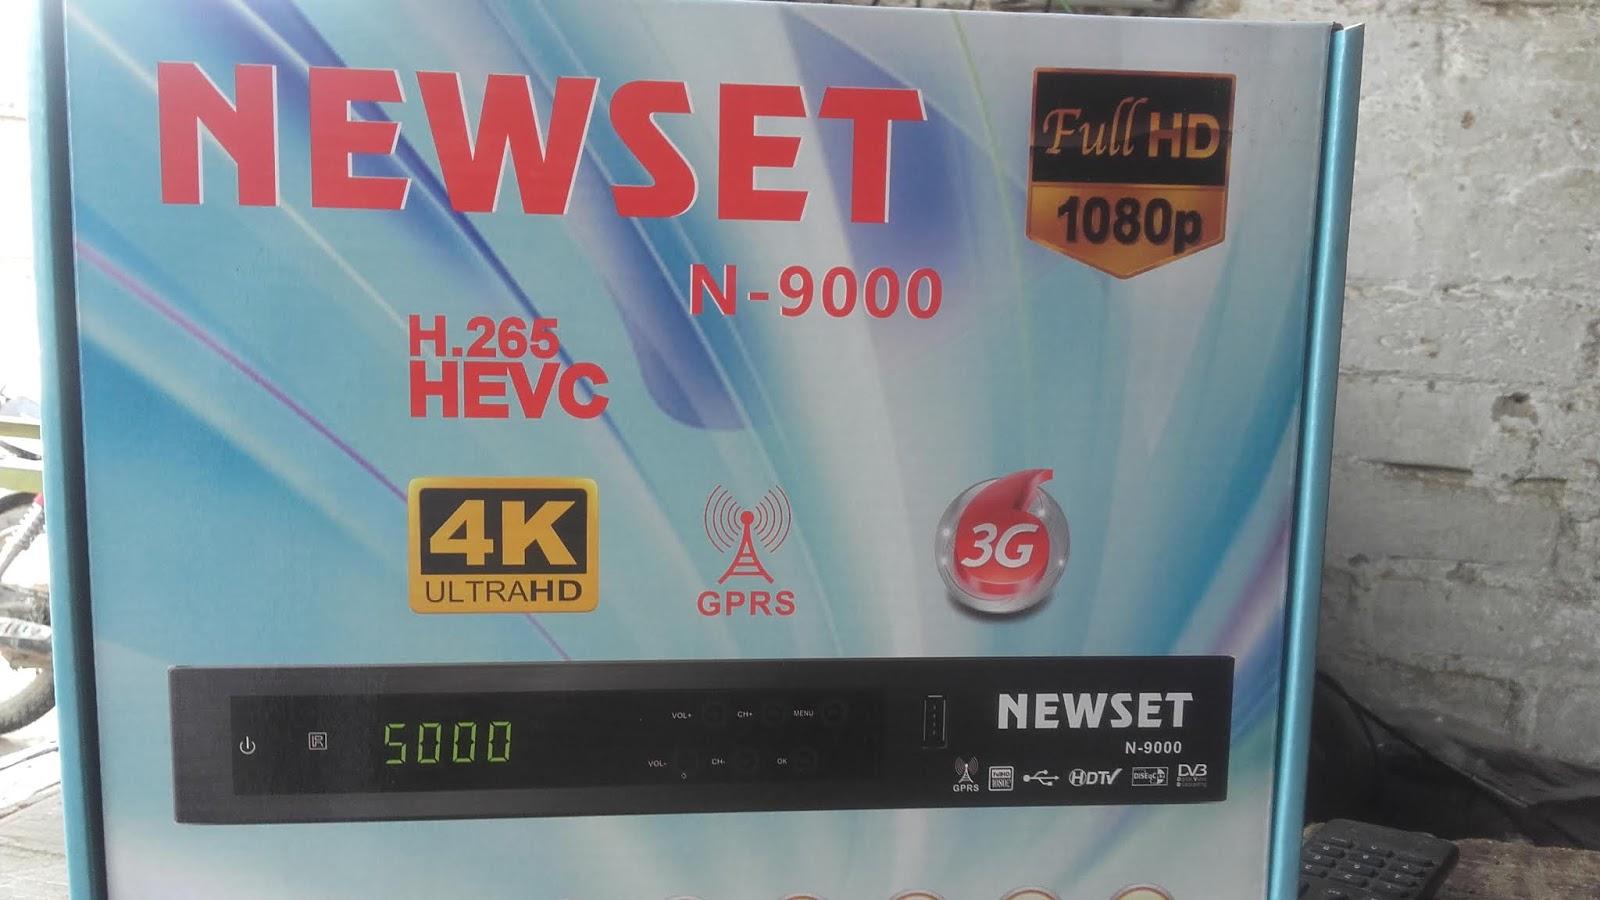 NEWSET N 9000 SIM 1506T AUTO ROLL POWER VU SOFTWARE DOWNLOAD